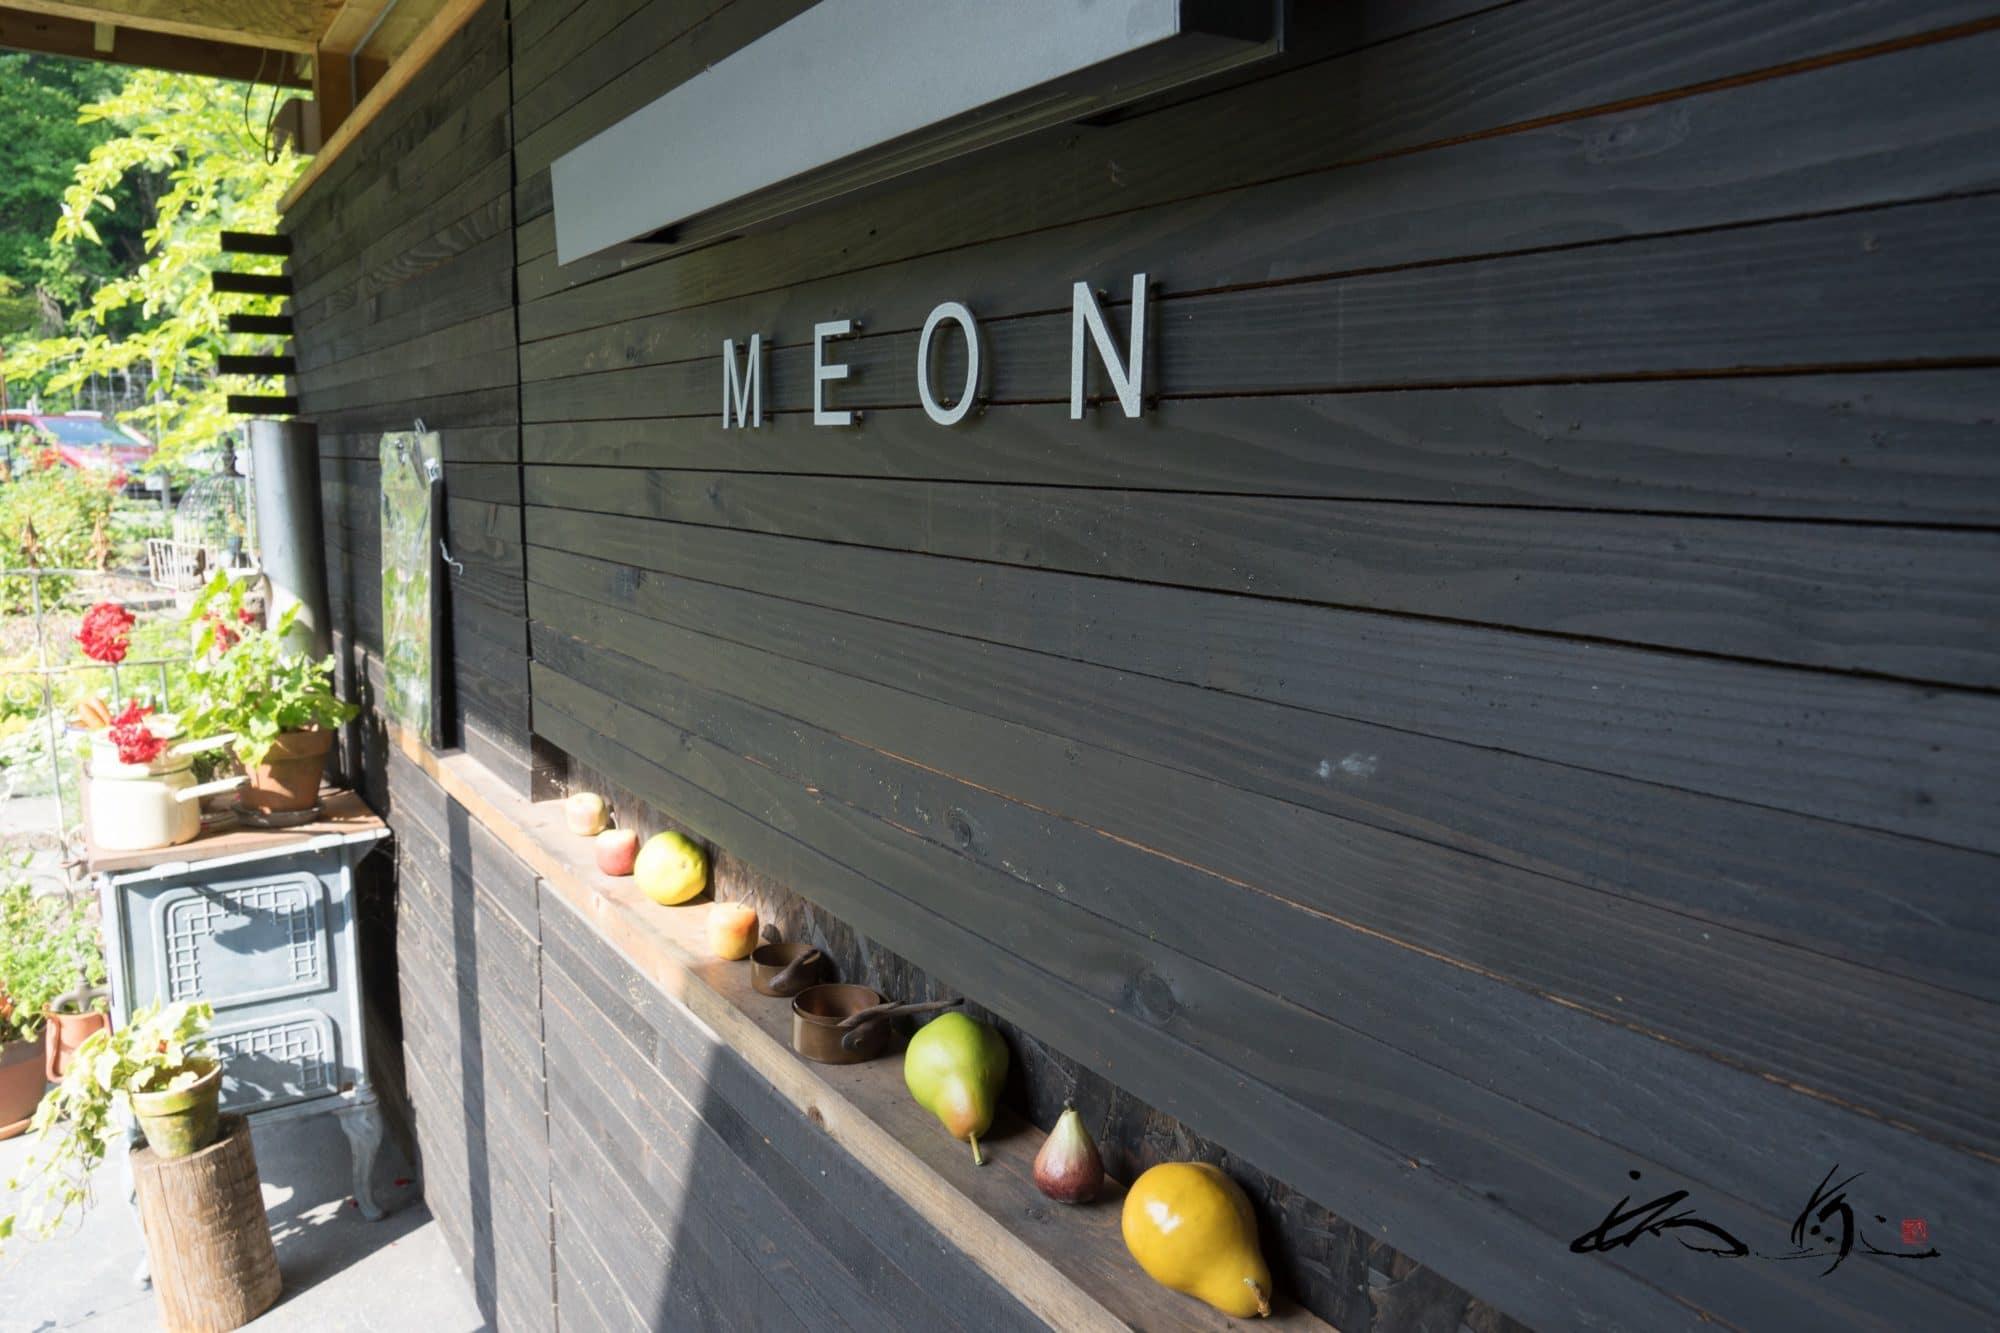 MEON農苑 ミオン ガーデンカフェ(千歳市)でランチ・ココット料理を堪能